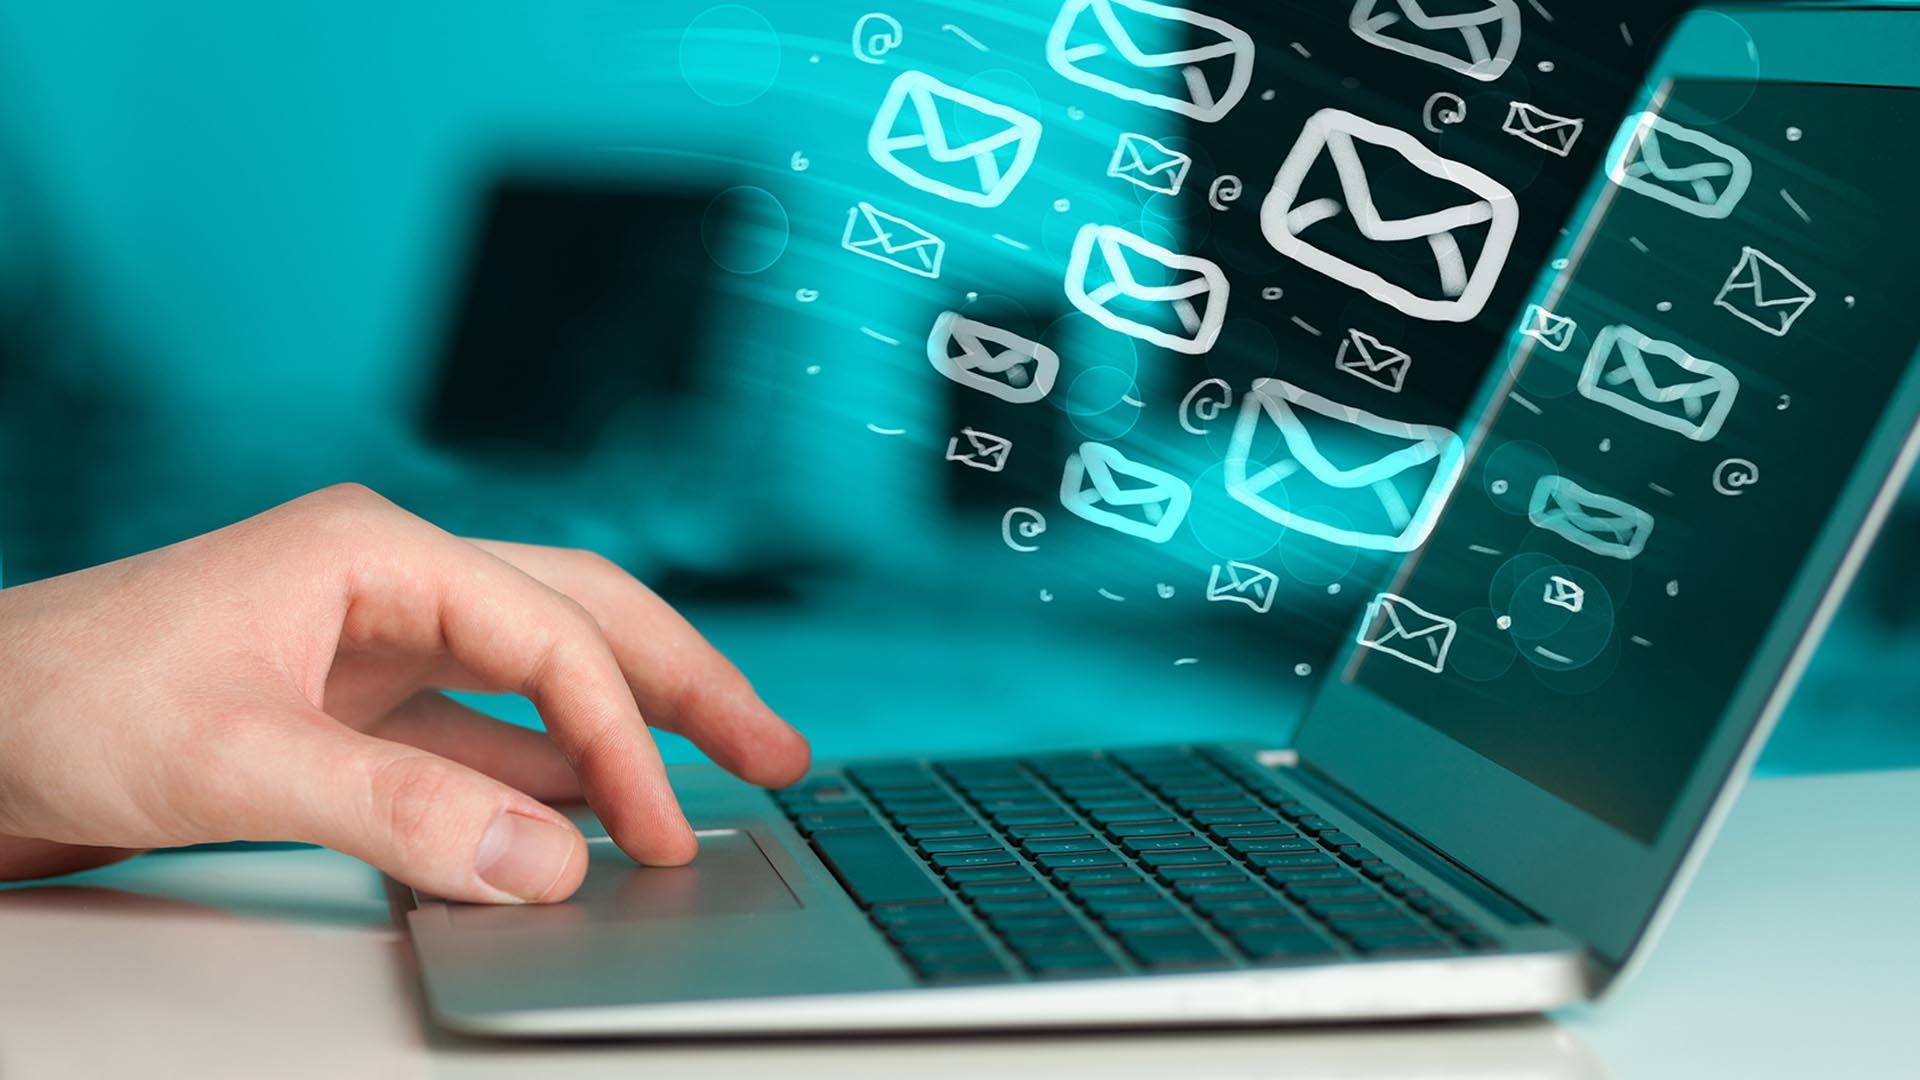 Aspectos relacionados a la seguridad, dependencia y nuevas formas de comunicación predicen la desaparición de los emails